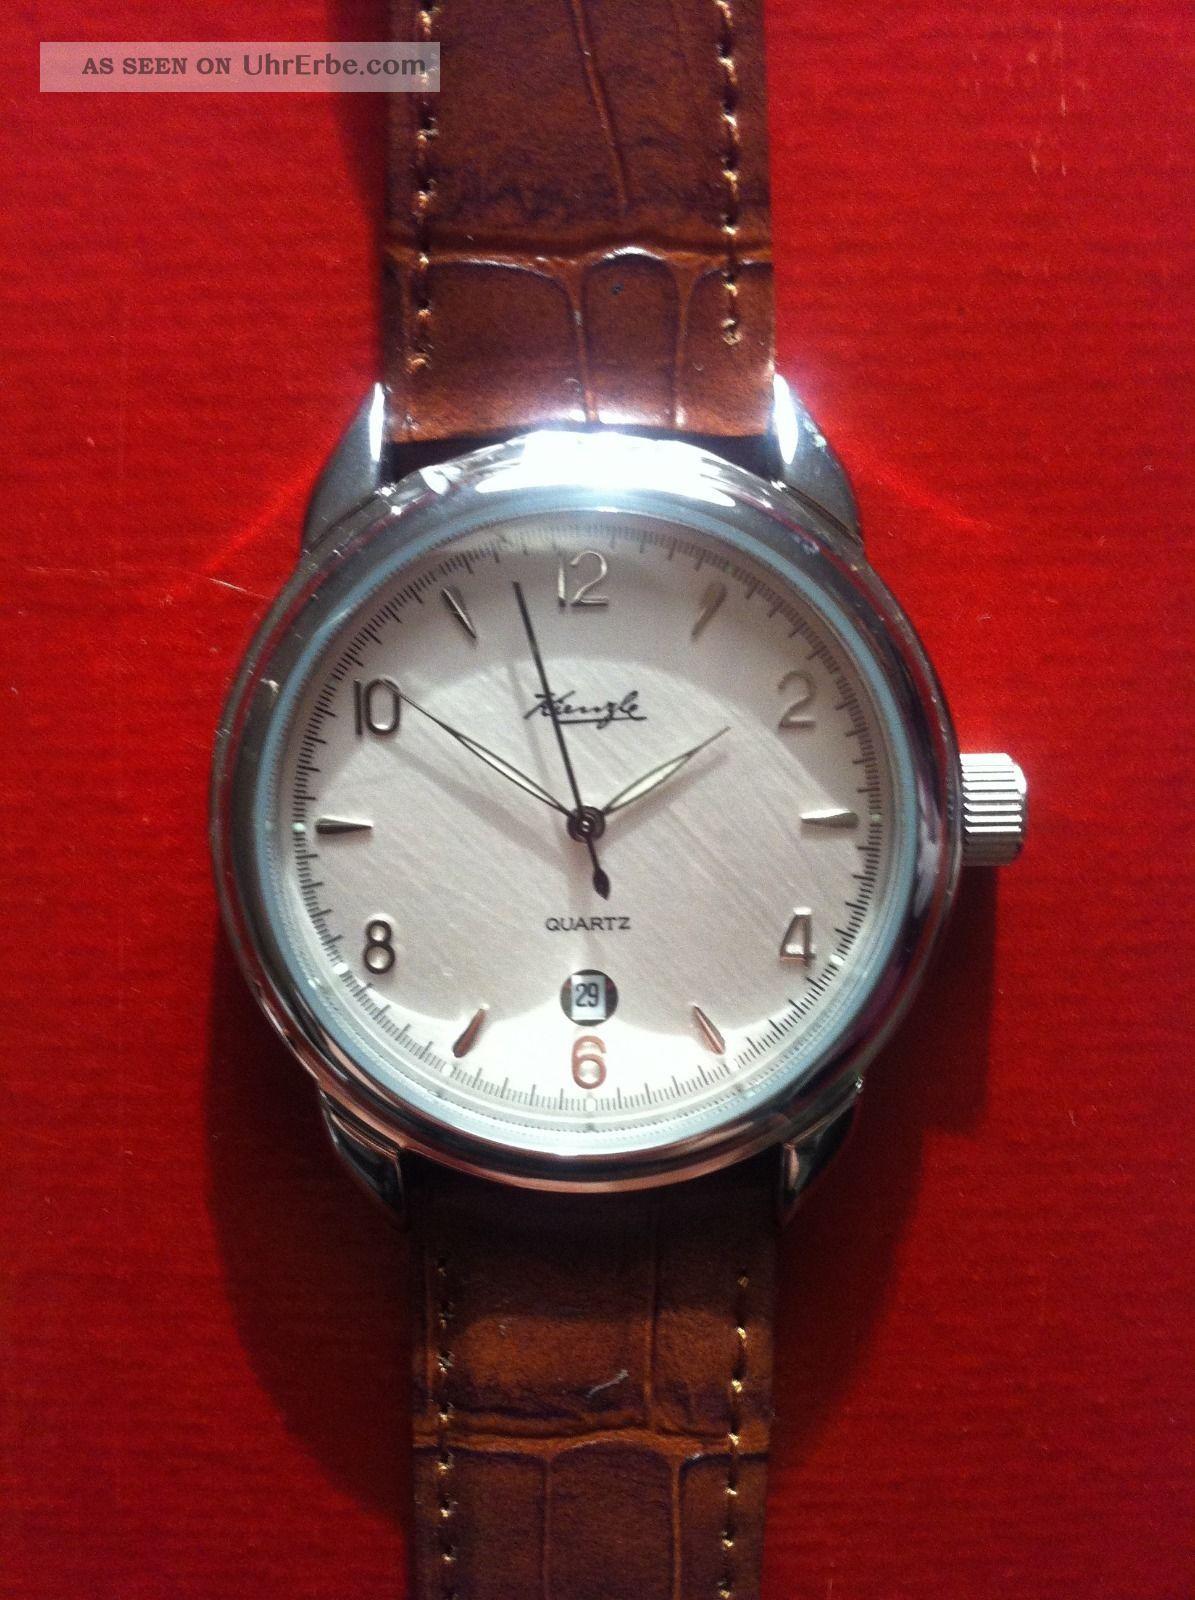 Kienzle - Comfort Herren - Armbanduhr Armbanduhren Bild